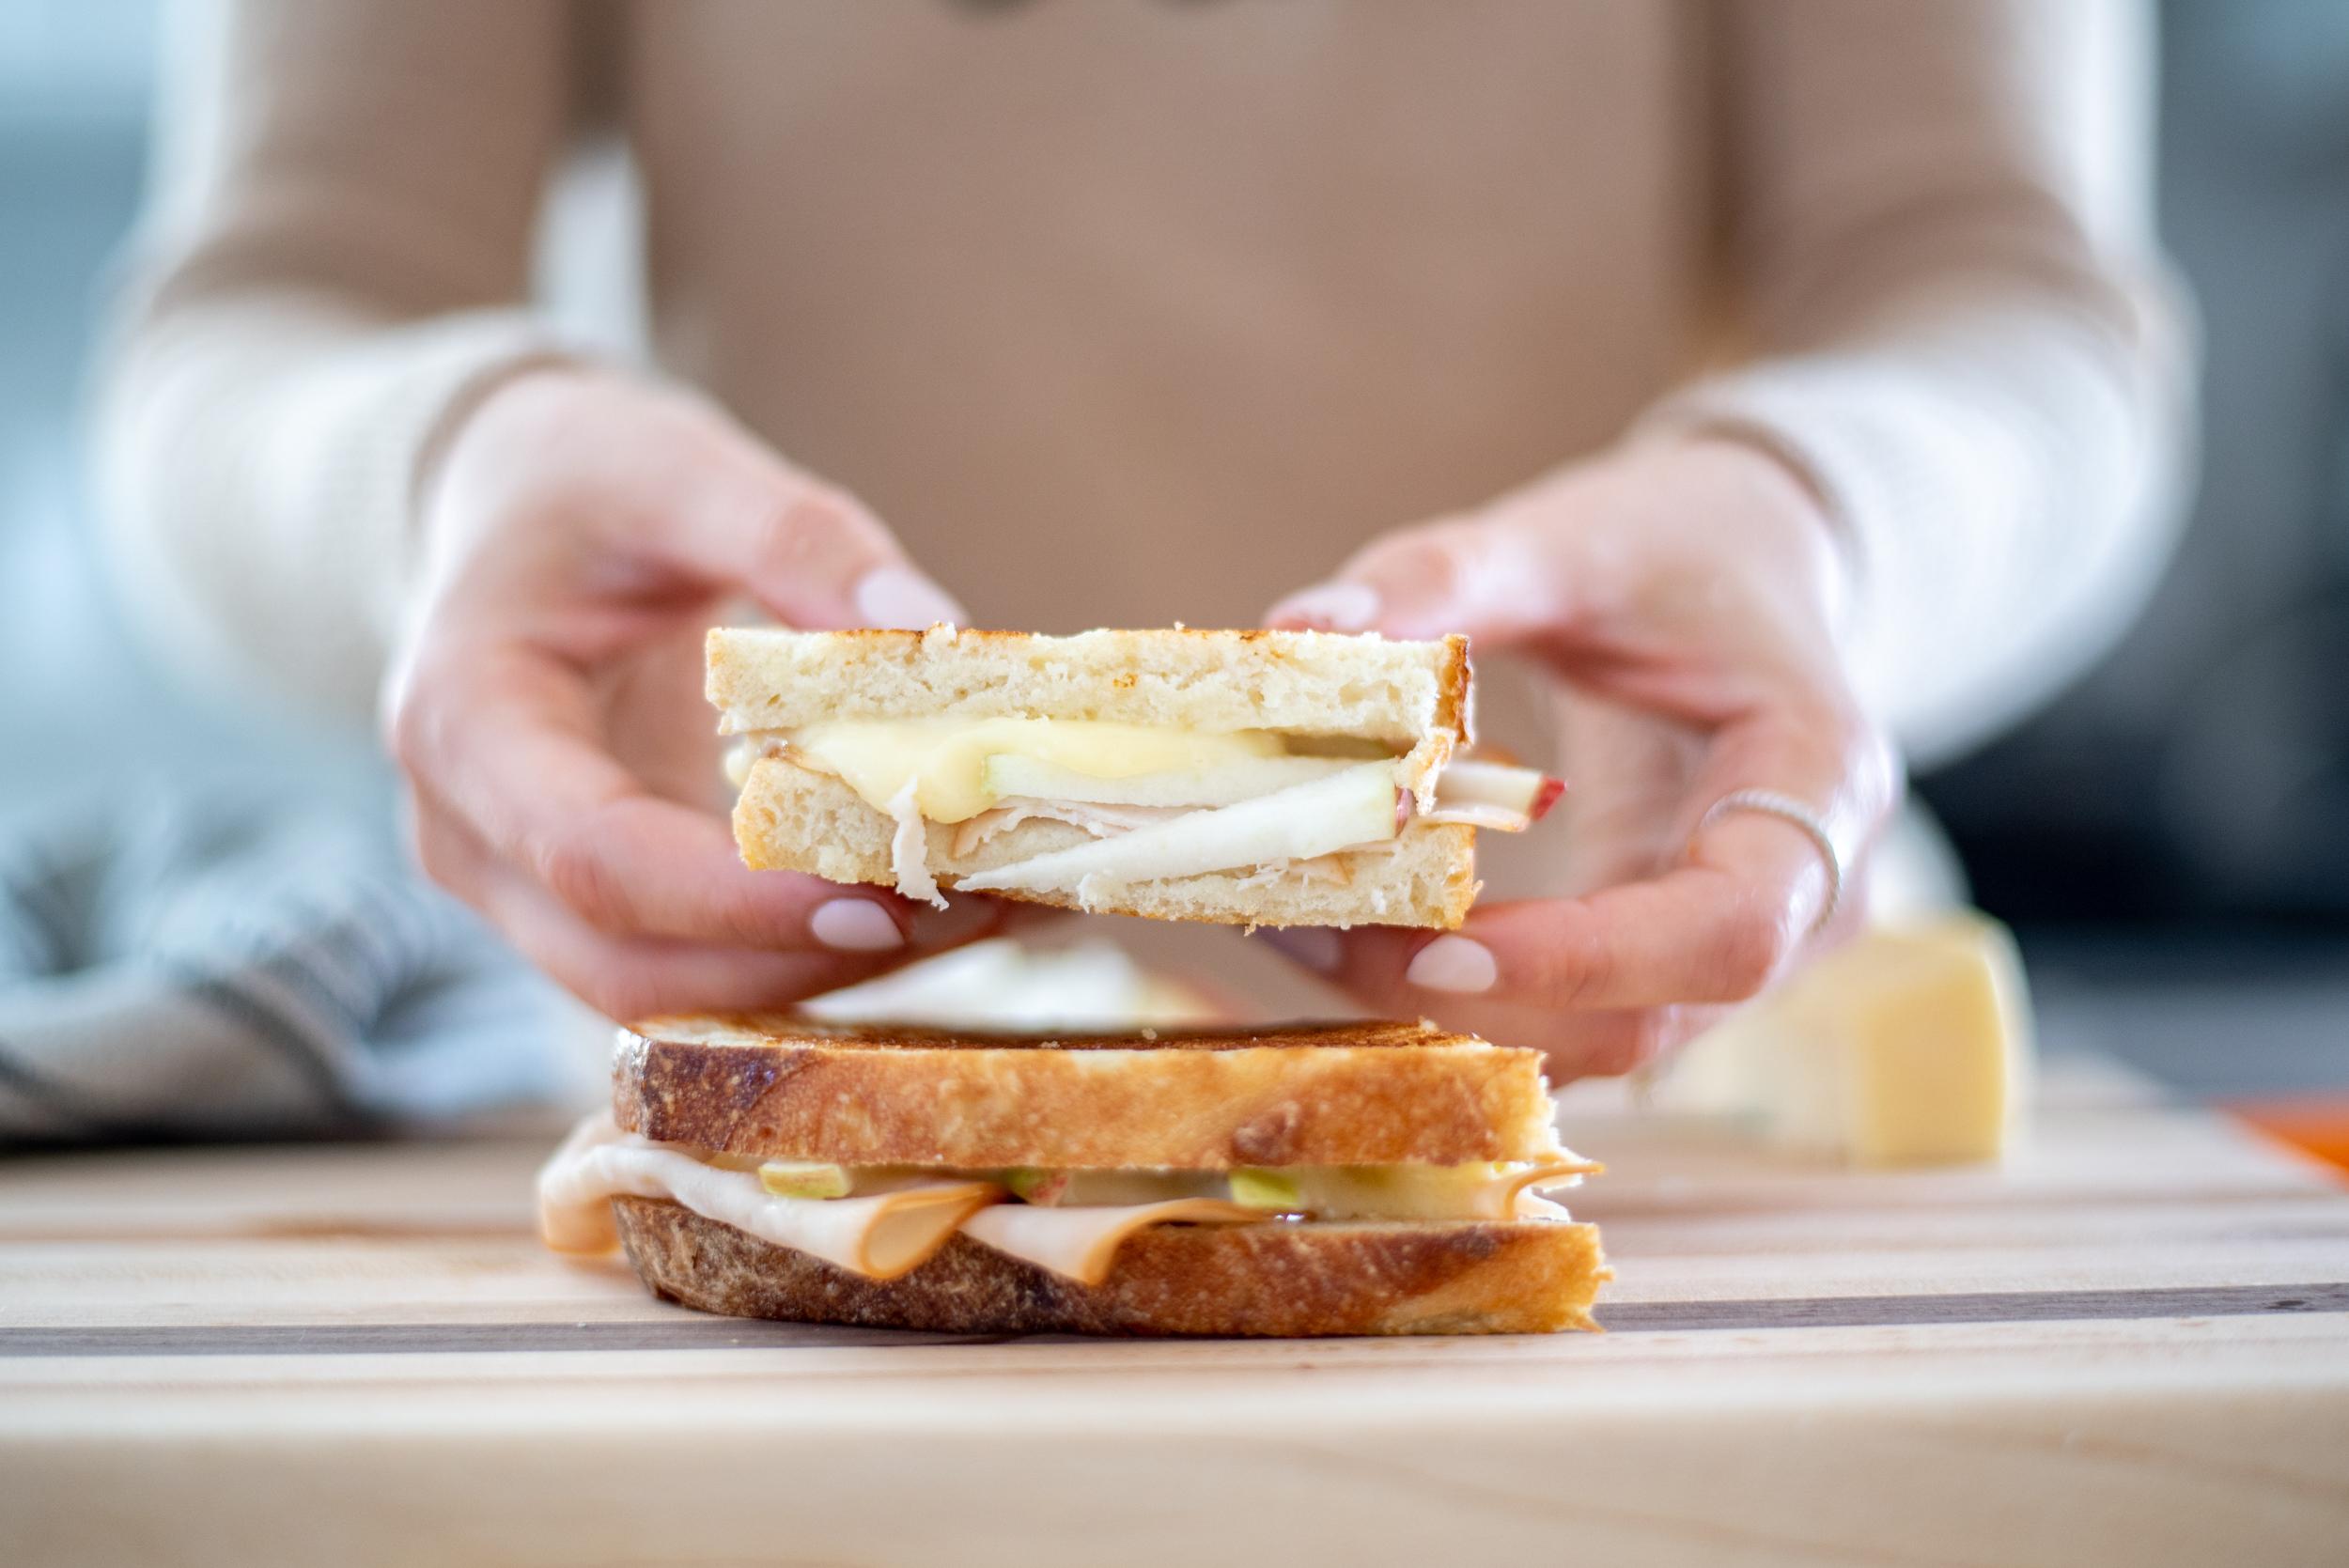 Grilles Cheese réinventé-recette-sandwich-diner-Maple Lodge Farms-Je suis une maman